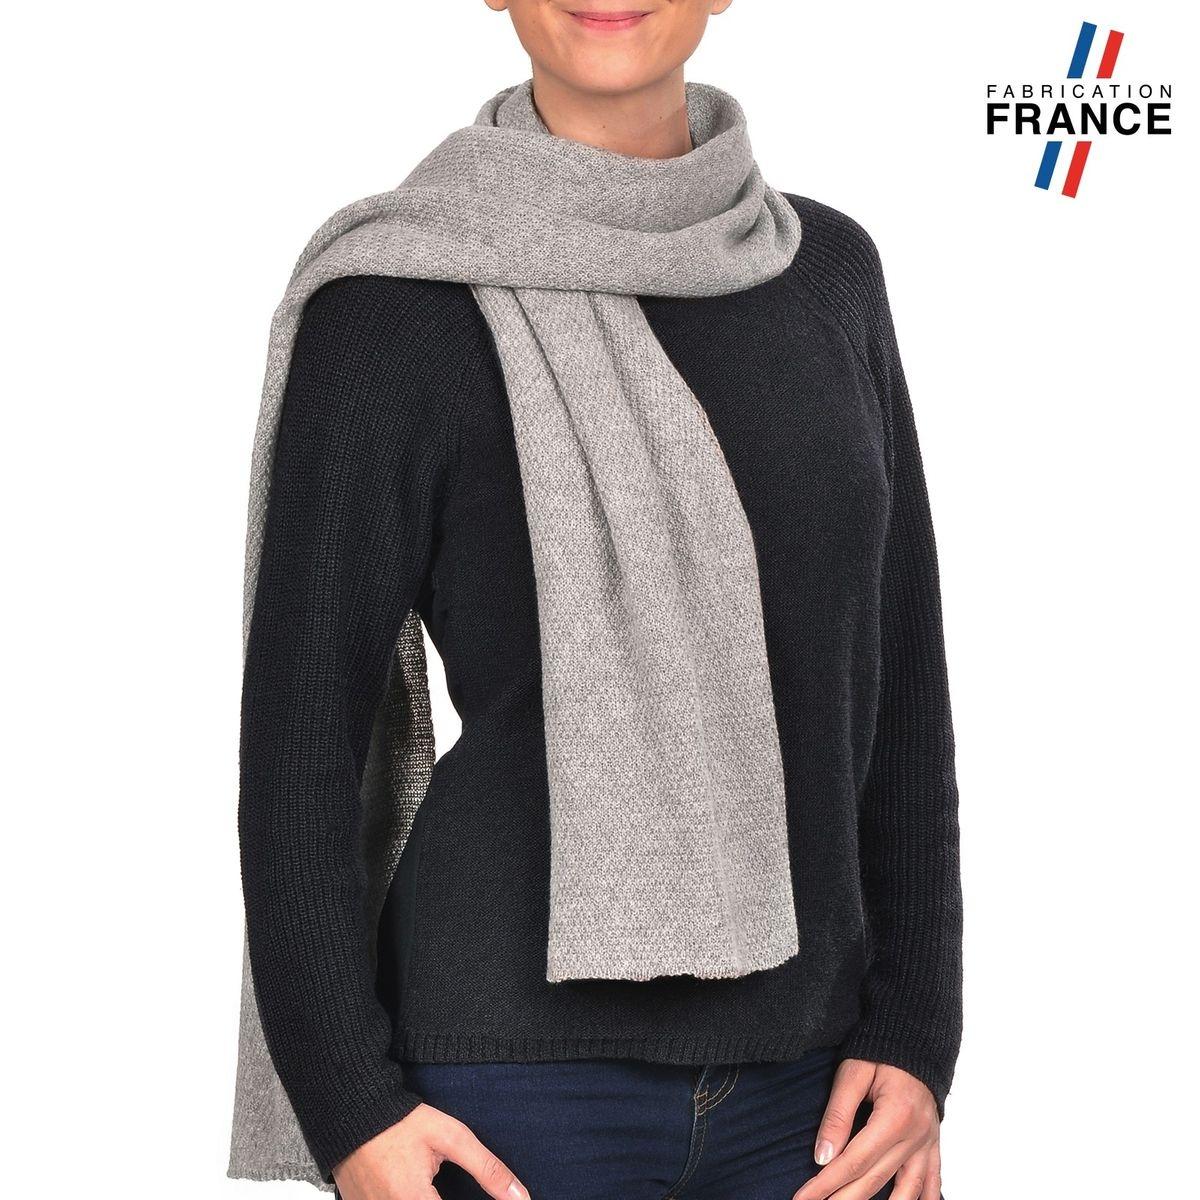 QUALICOQ Echarpe SOIZIC Grise - Fabriqué en France 181af61ac3a